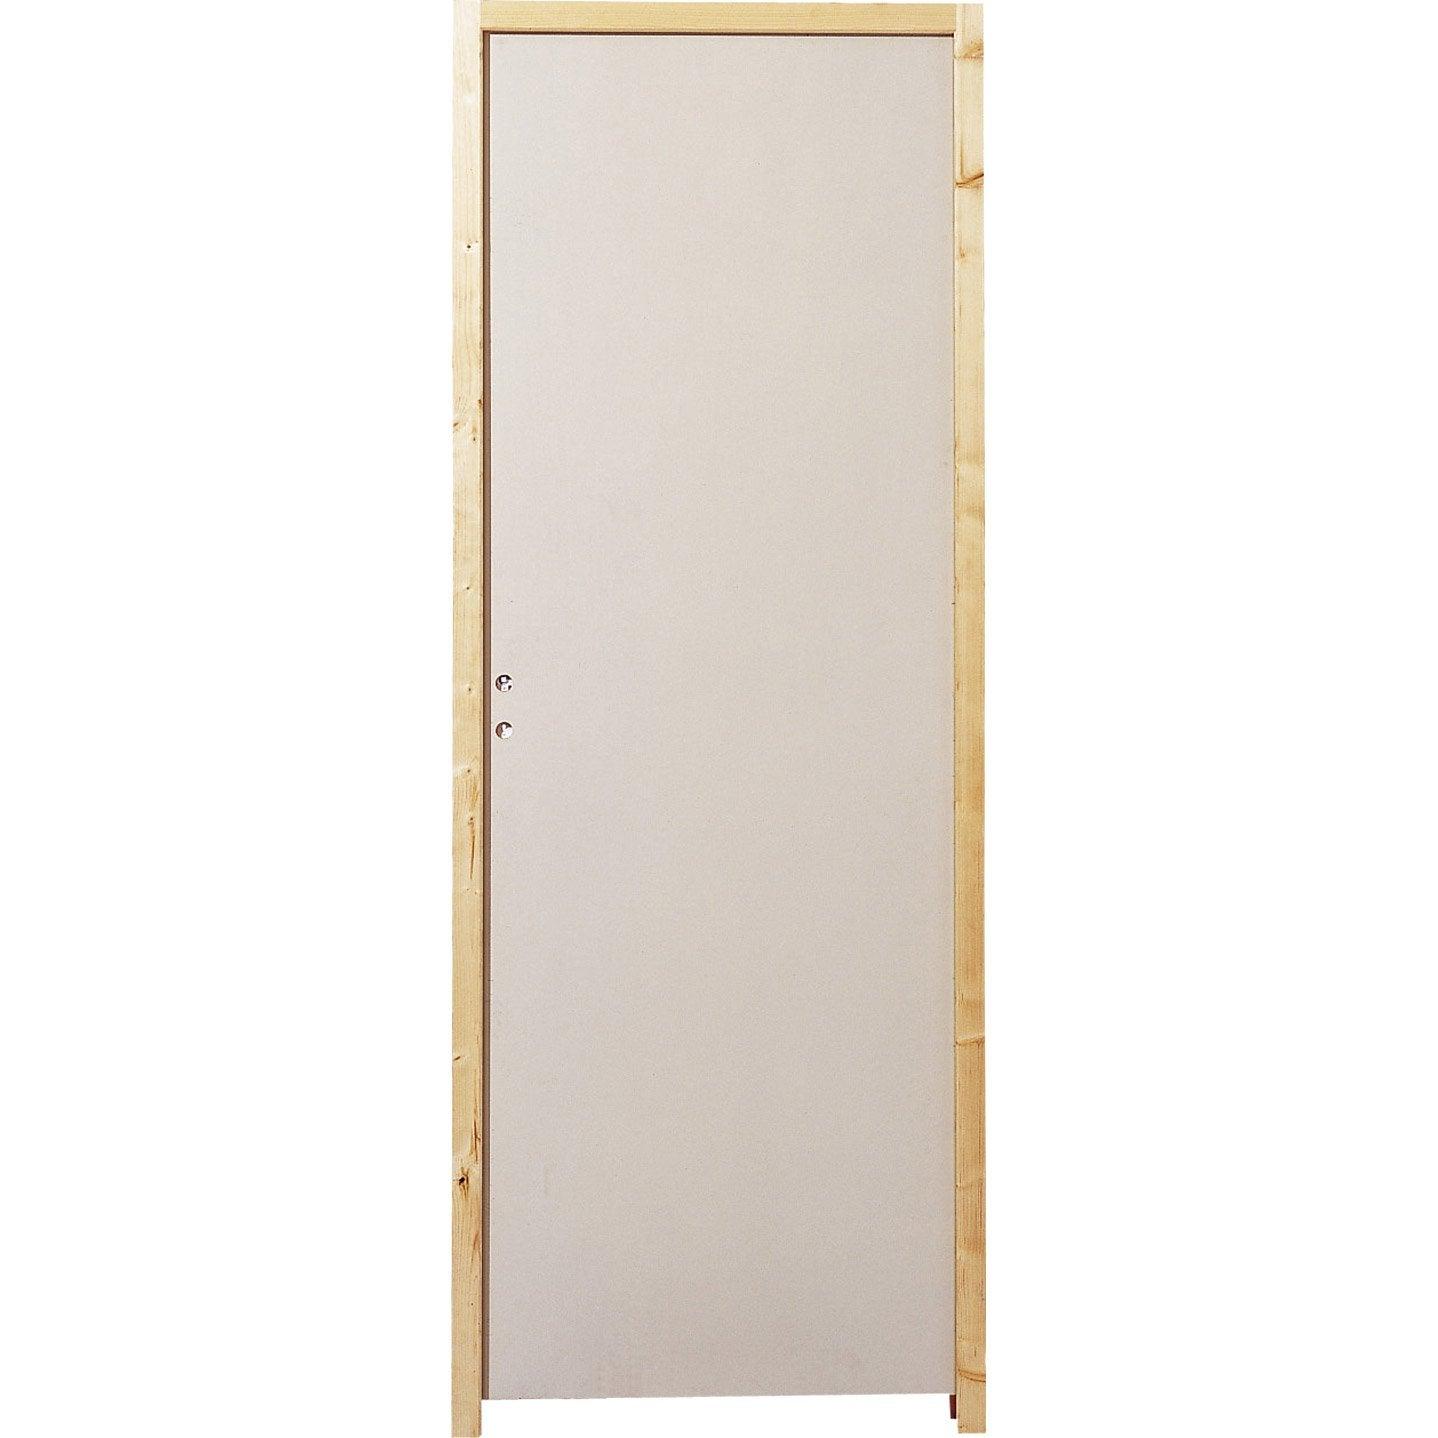 Bloc porte peindre glasgow poussant droit 204 x 73 cm for Porte a peindre